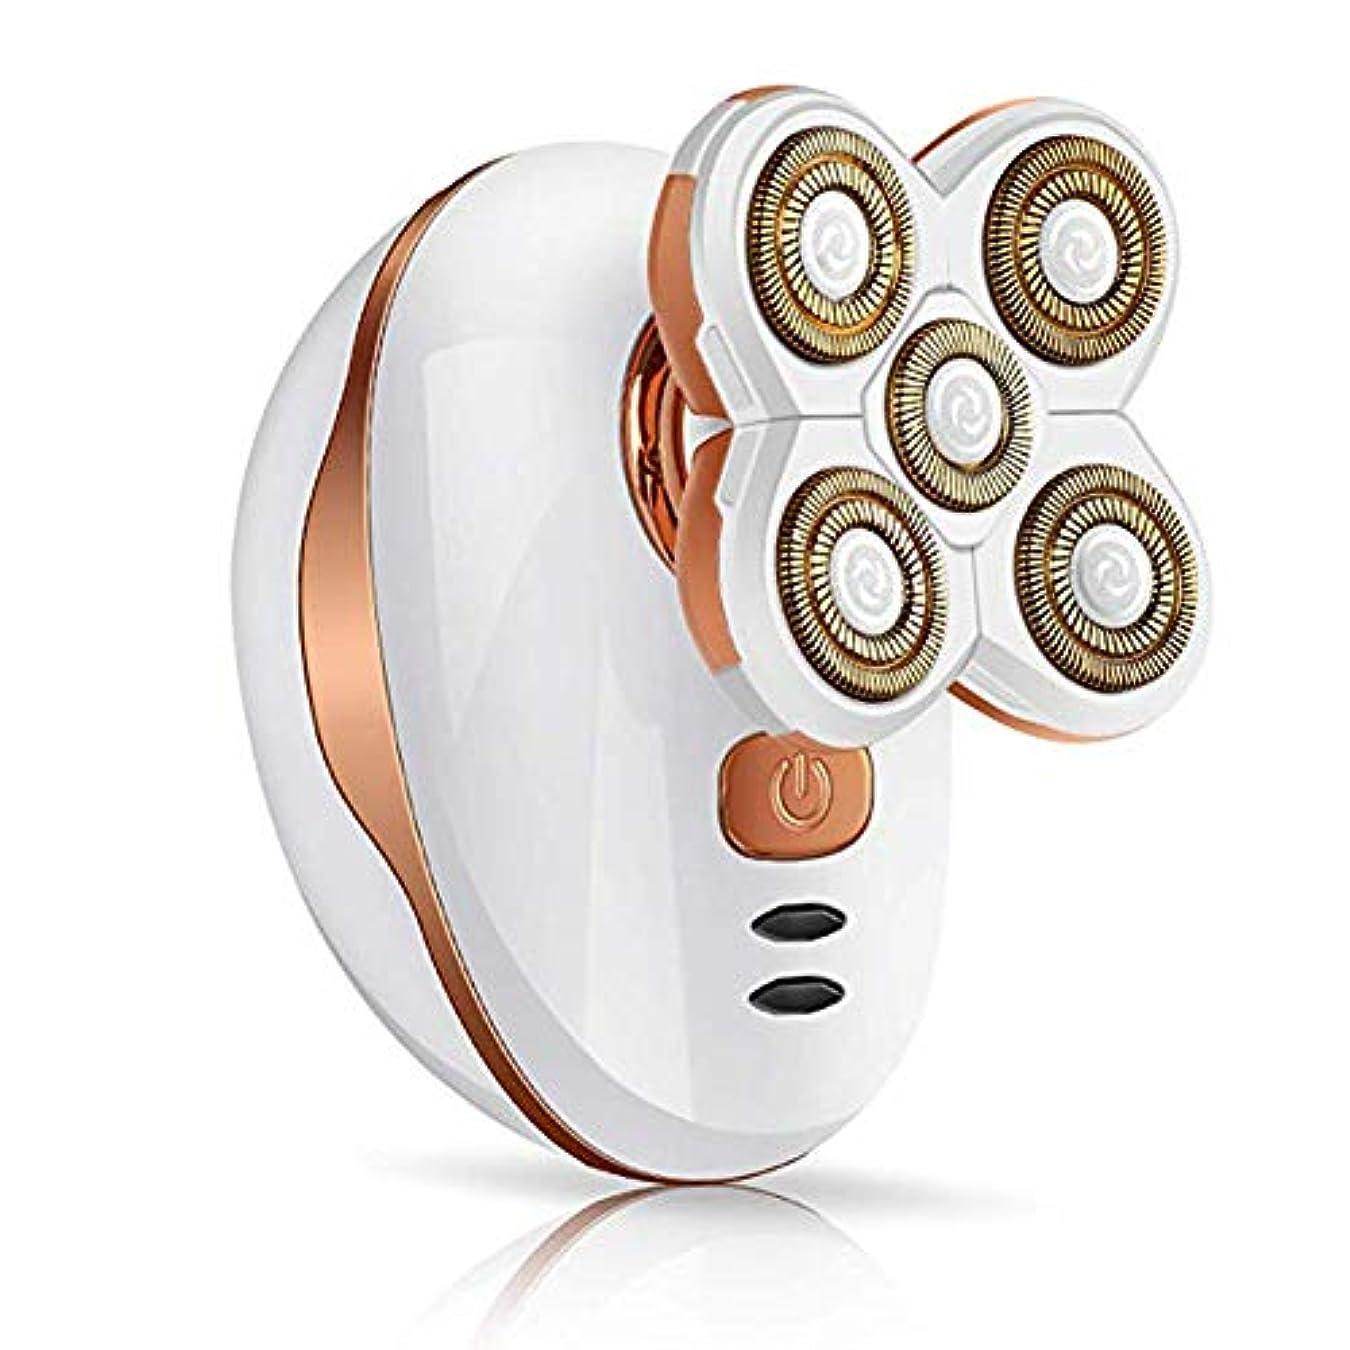 信条セクションほこりっぽい5フローティングヘッドウェットドライ電気ロータリーシェーバー、コードレス防水かみそりはげ頭シェーバー、旅行や家庭用の高速USB再充電セキュリティロックモード